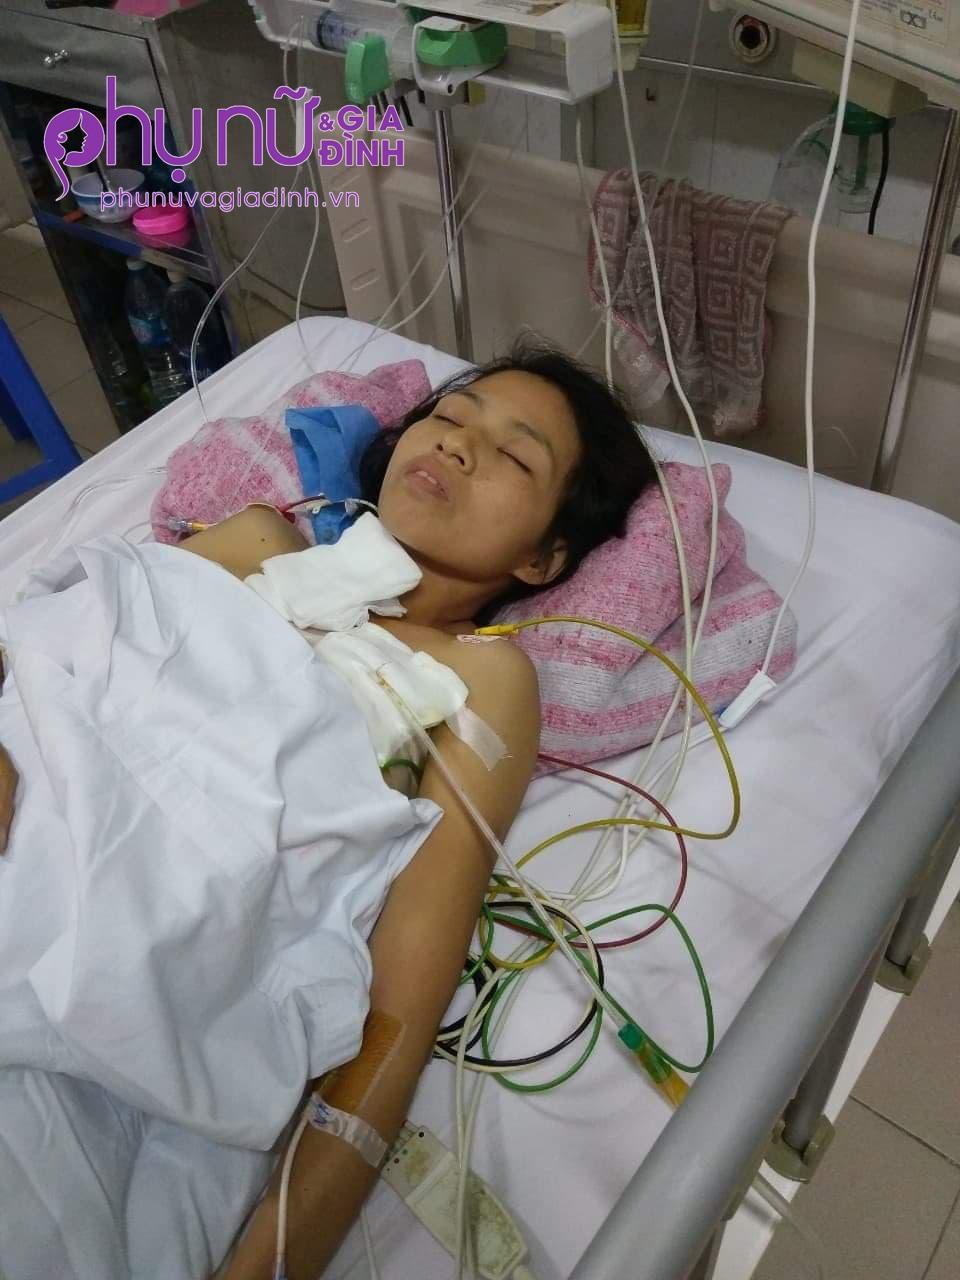 Mẹ giành giật sự sống trong bệnh viện, 3 đứa trẻ bơ vơ hàng ngày đứng đầu ngõ ngóng đợi vì mong nhớ - Ảnh 2